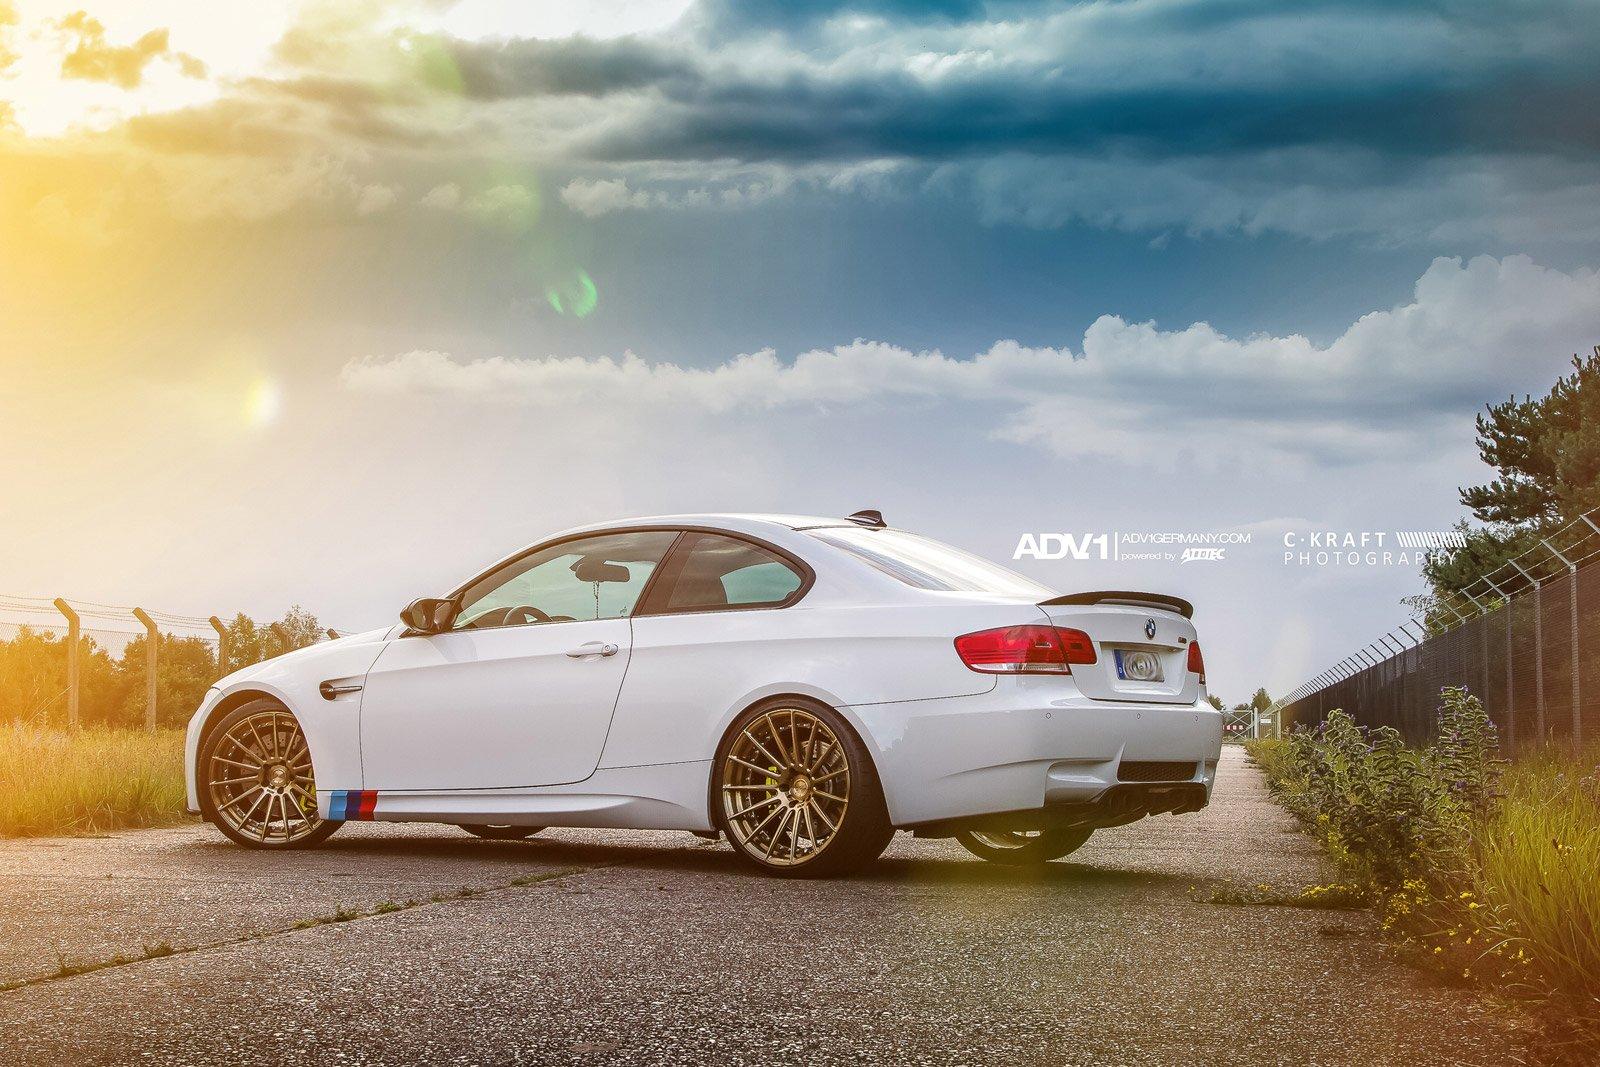 2014 BMW M3 E92 AMG Adv1 Wheels Tuning Wallpaper